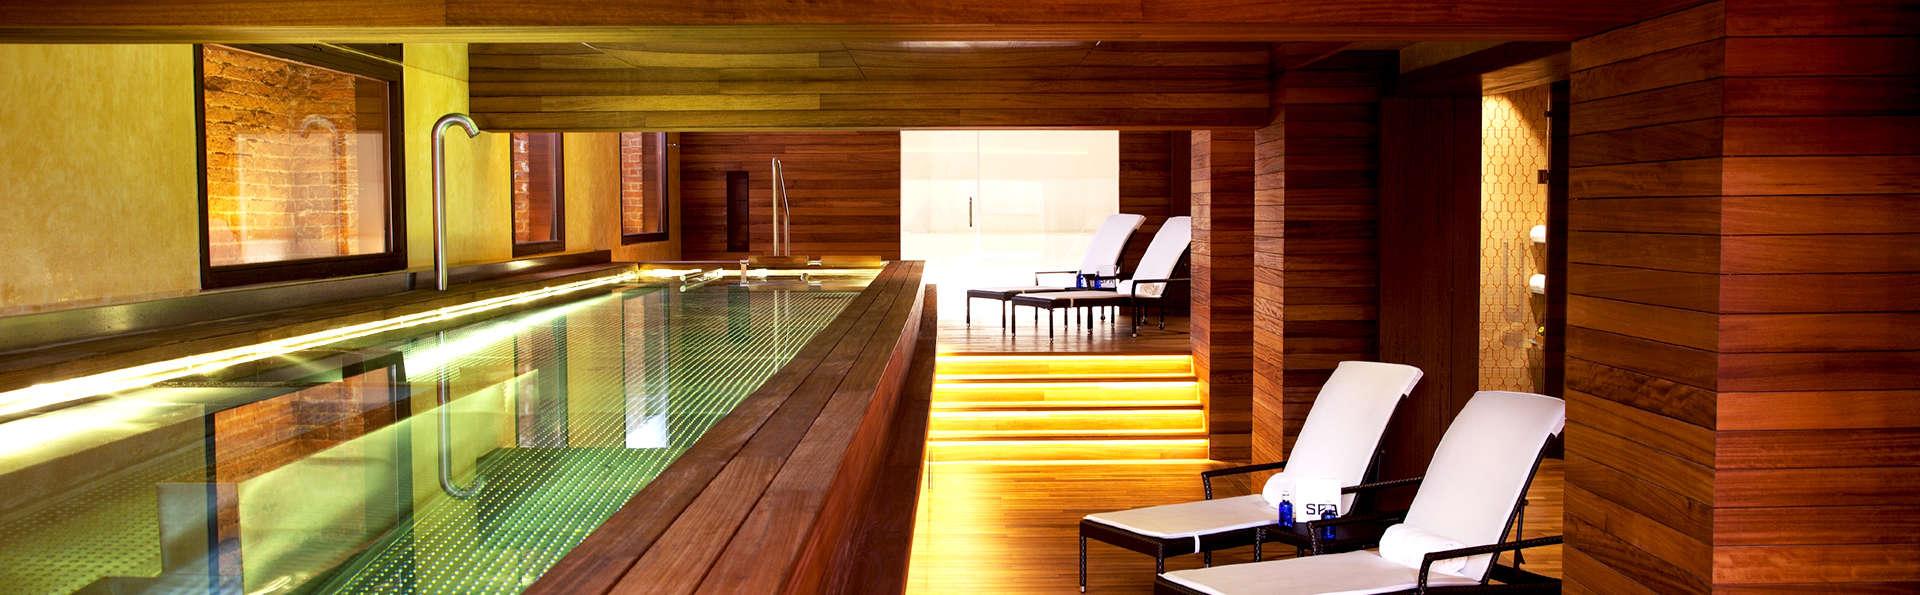 Lujazo en Madrid: hotel céntrico de diseño con desayunos y acceso al spa incluido